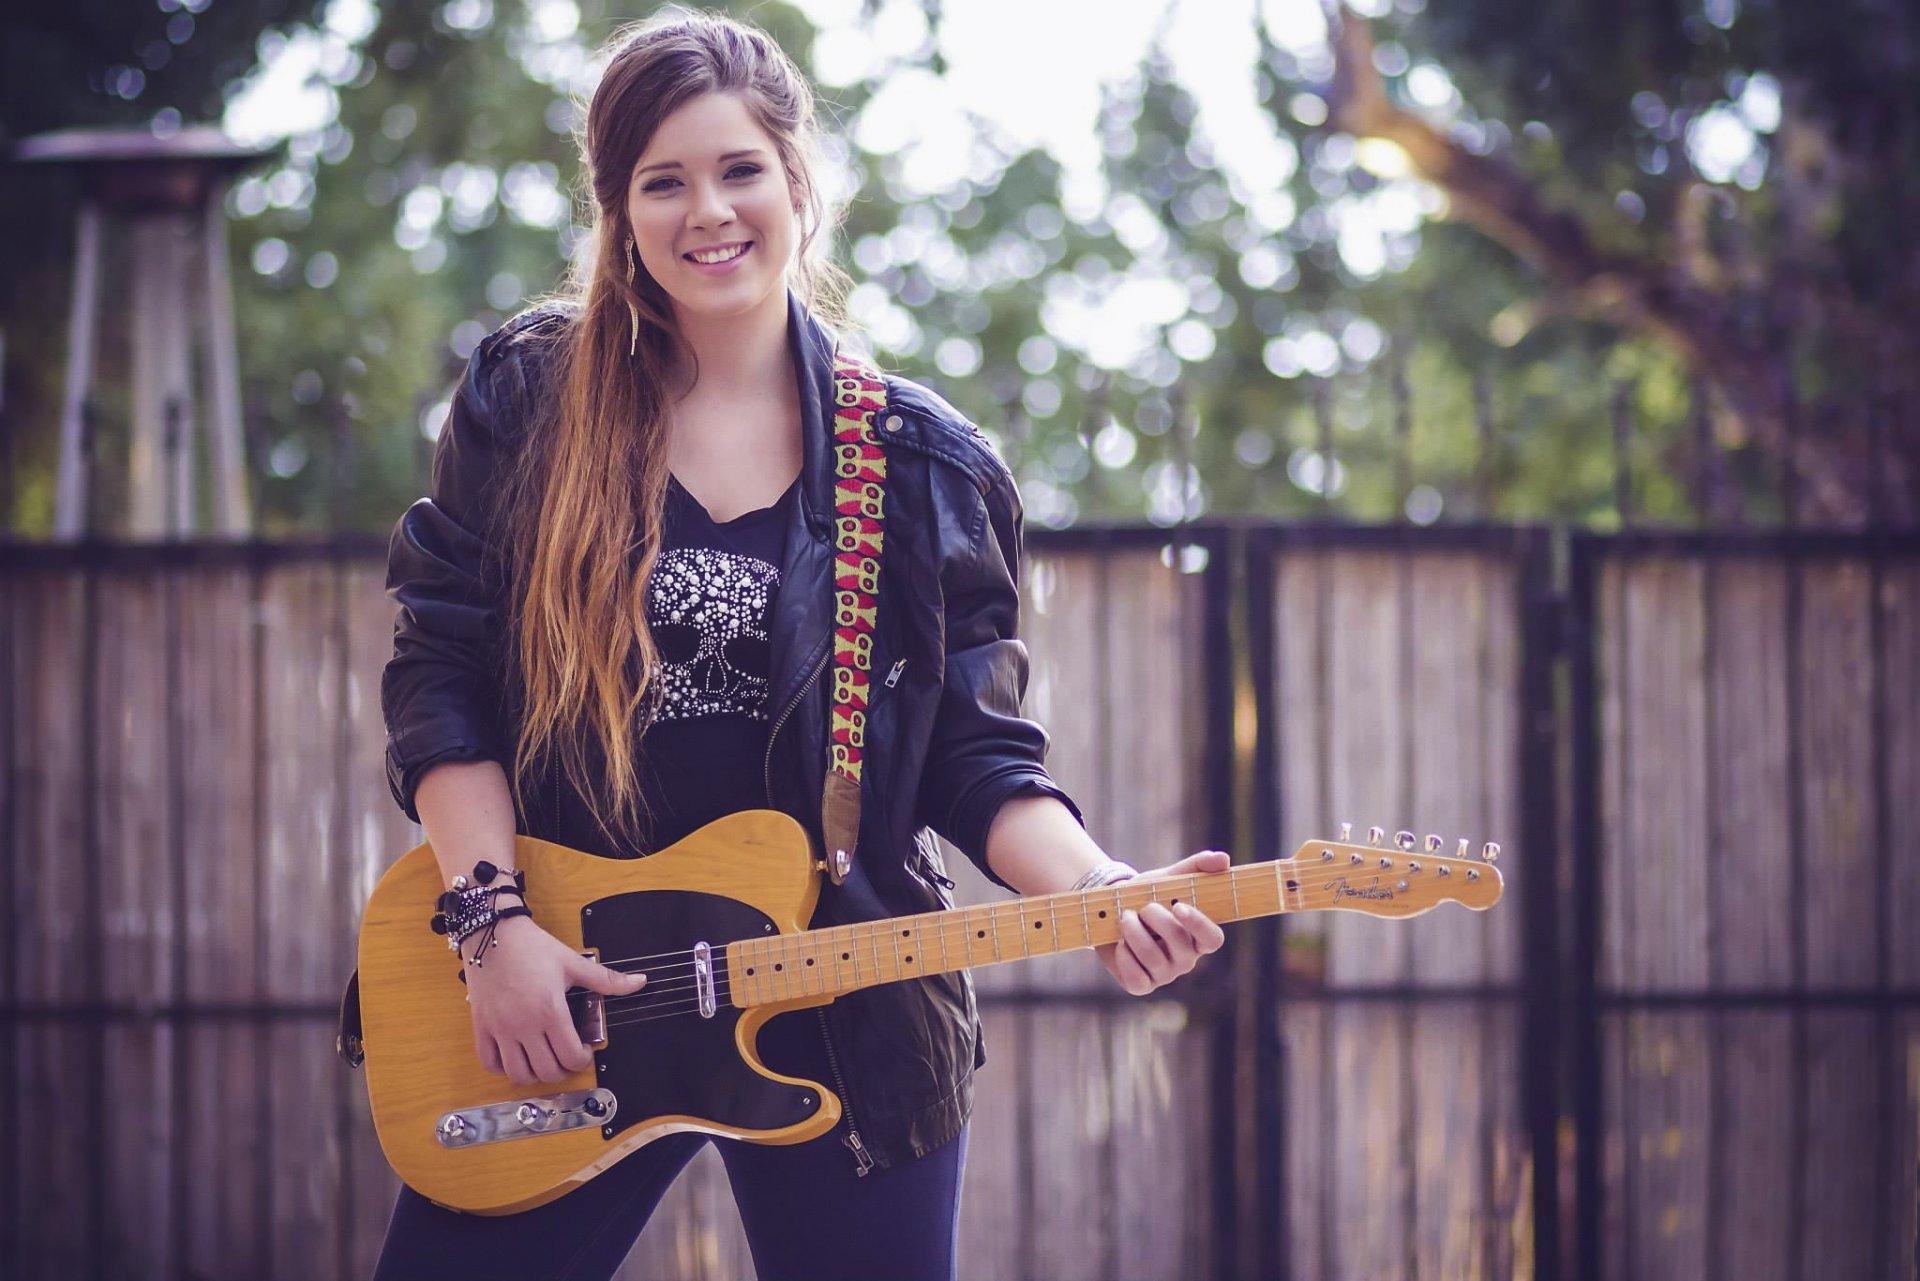 девушки гитара улыбка  № 465329 бесплатно